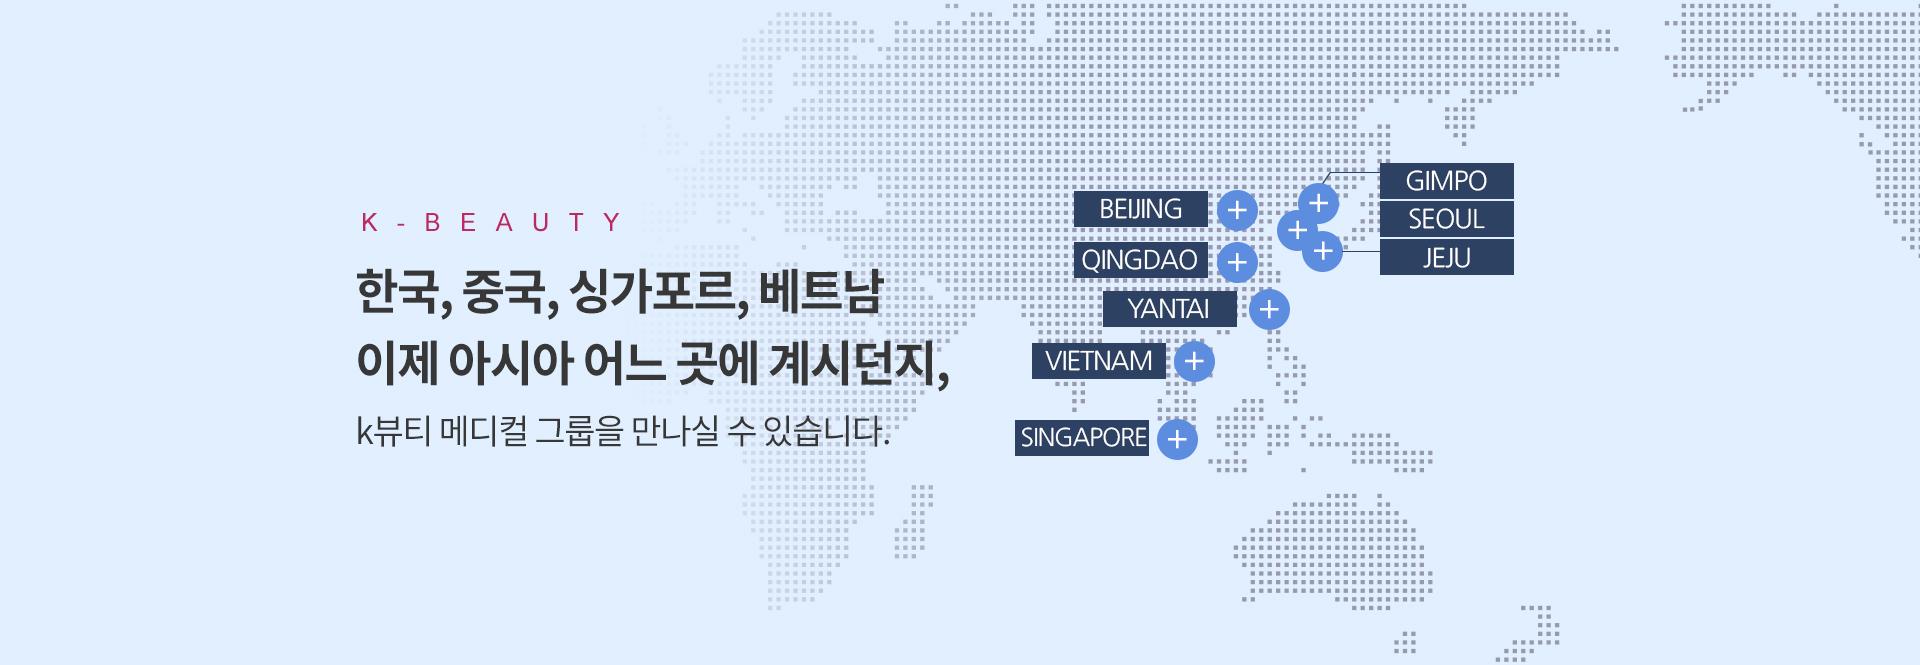 한국, 중국, 싱가포르, 베트남 이제 아시아 어느 곳에 계시던지, 강남k뷰티 메디컬 그룹을 만나실 수 있습니다.